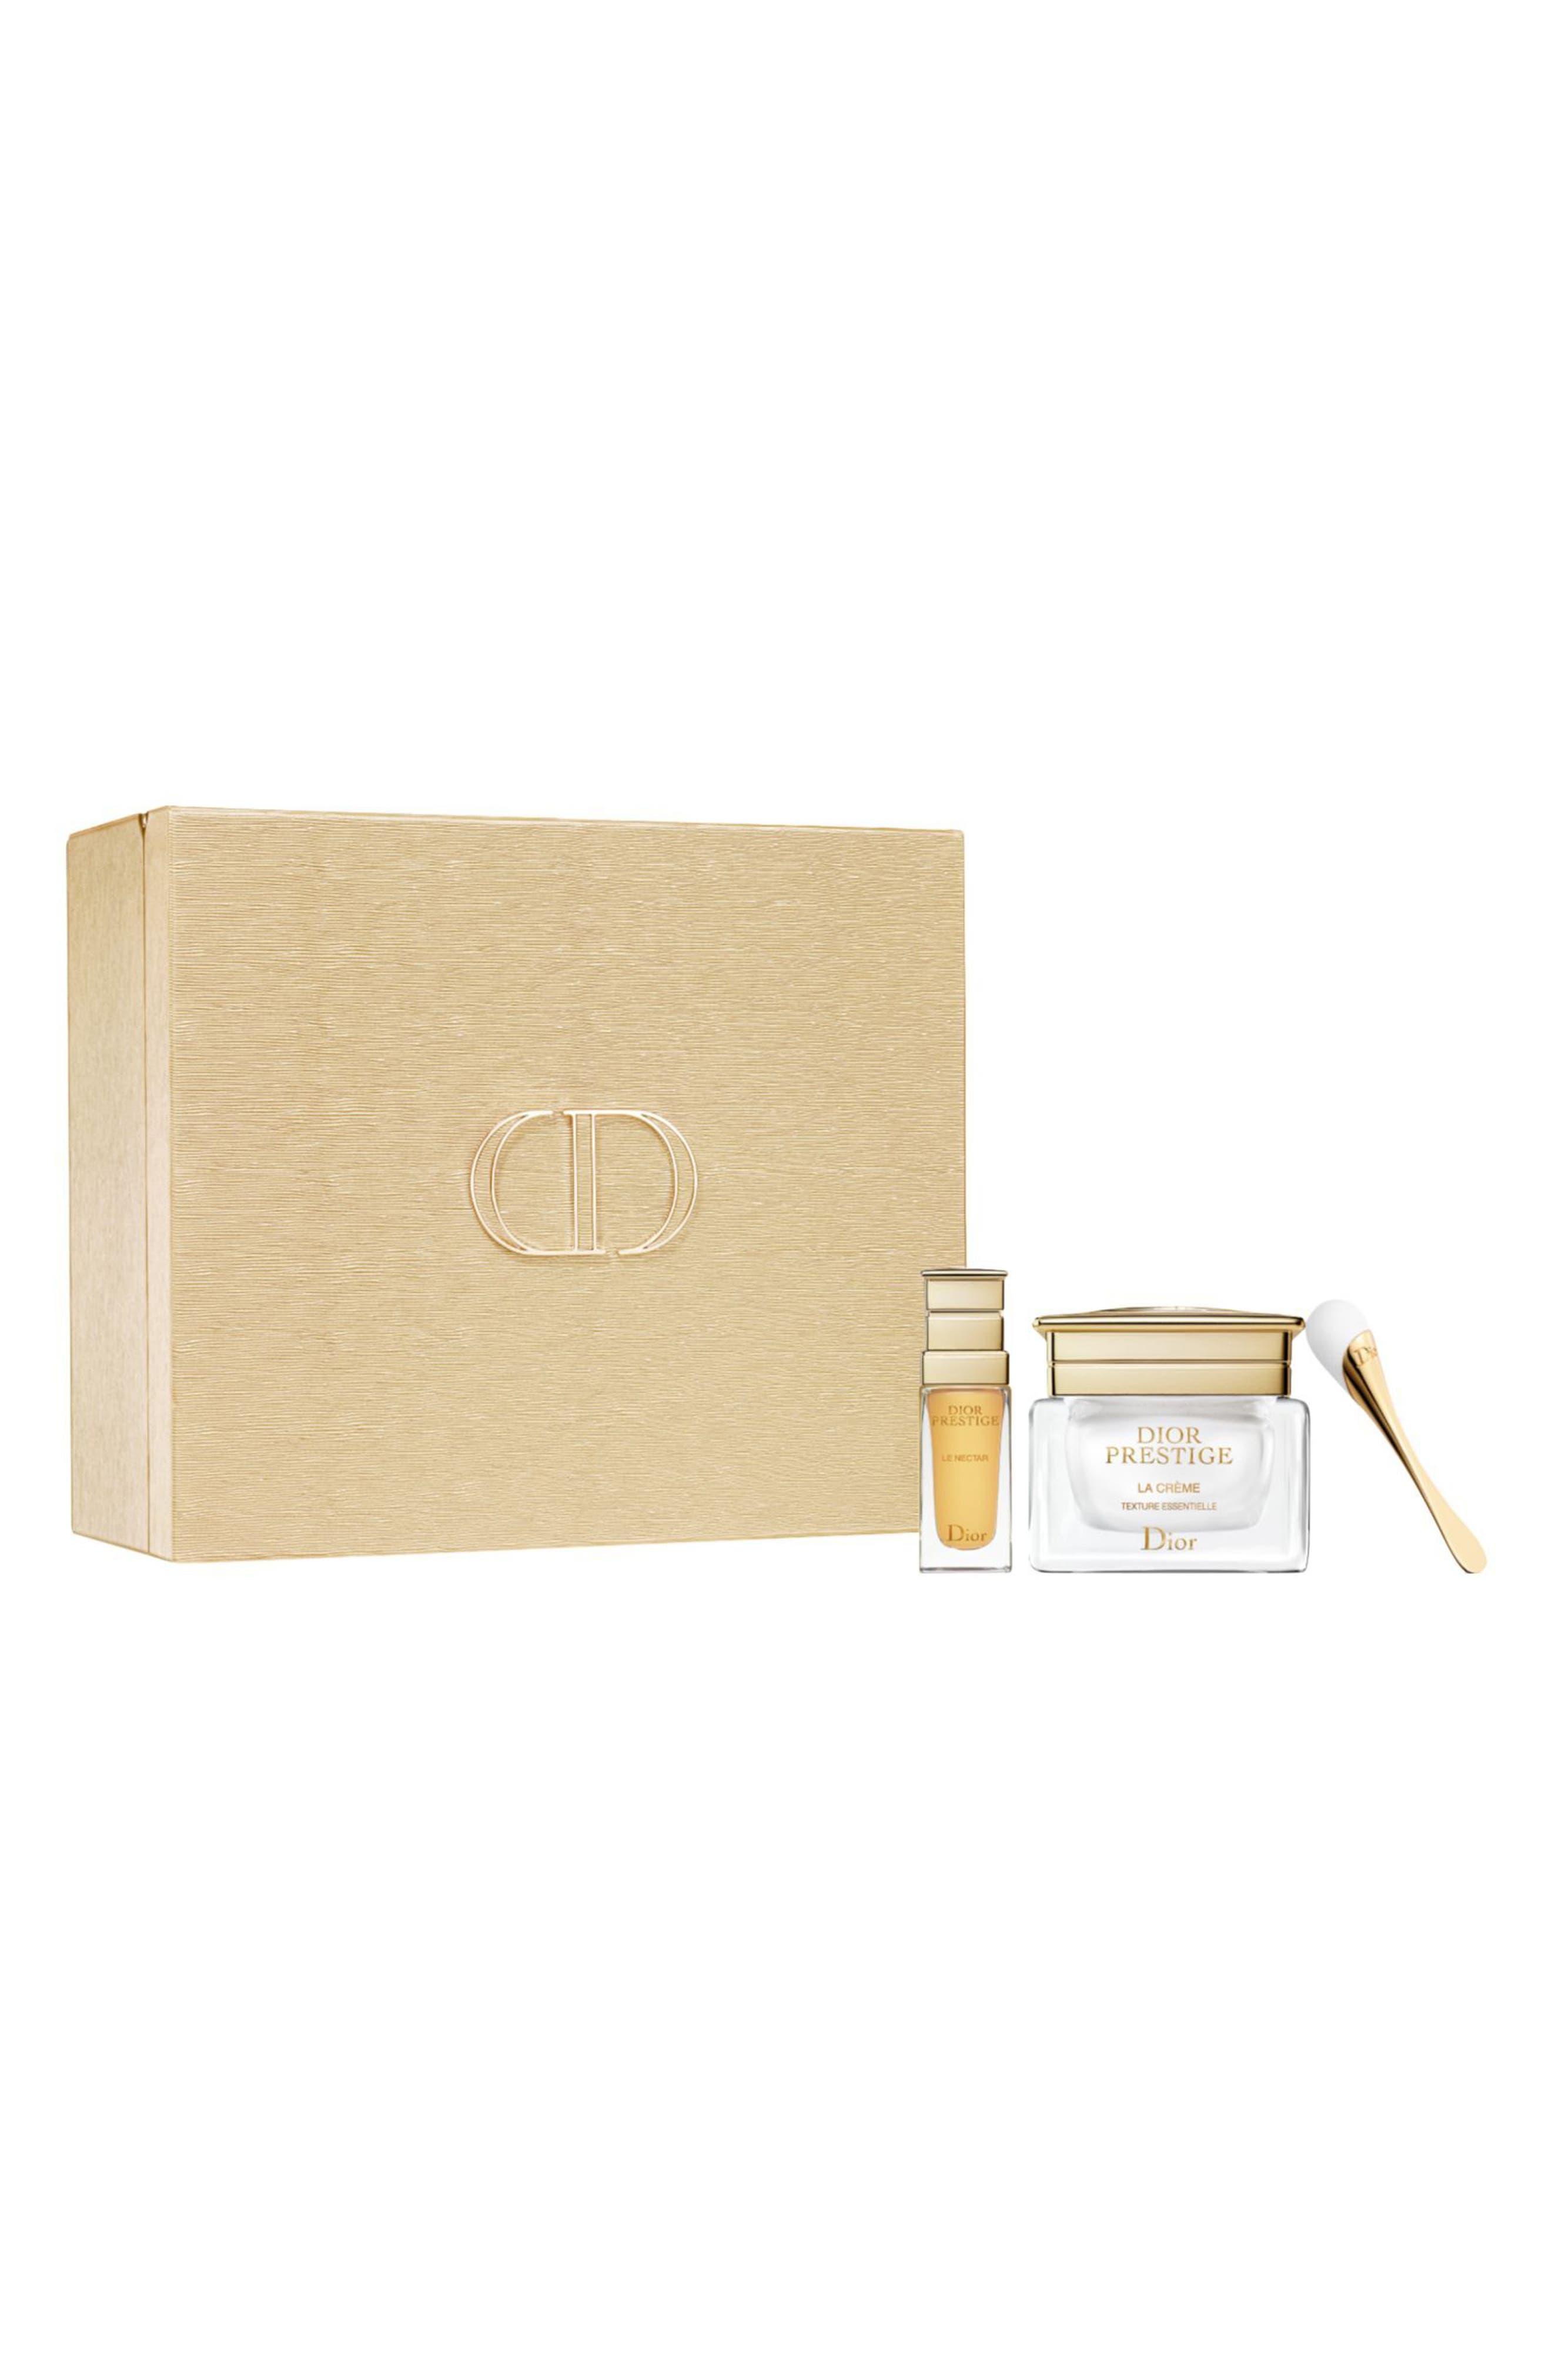 Dior Prestige Crème Collection ($553 Value)